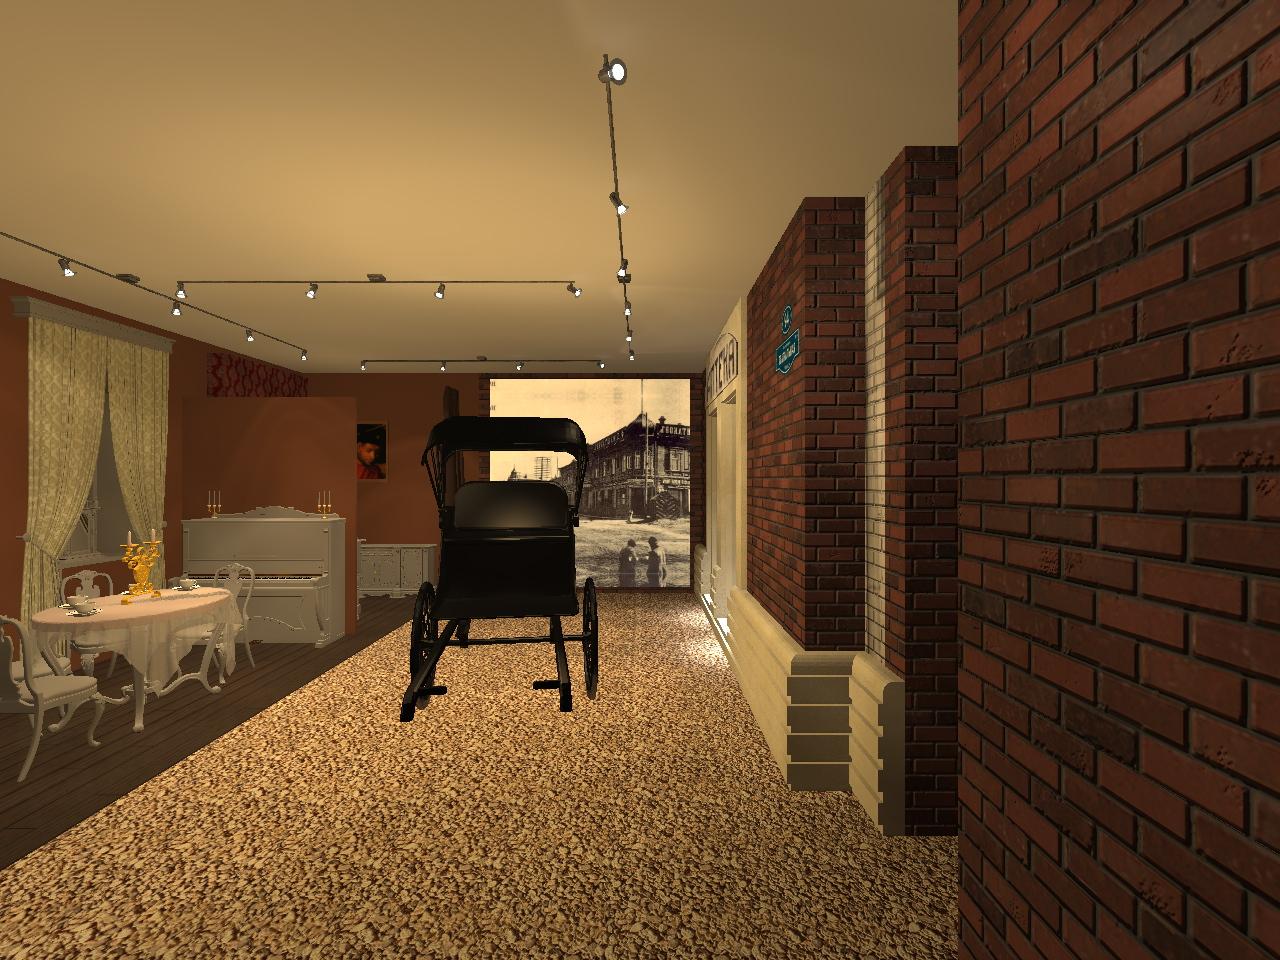 В части музея, посвящённой купечеству, частично восстановят типичный для того времени интерьер домов и виды улиц